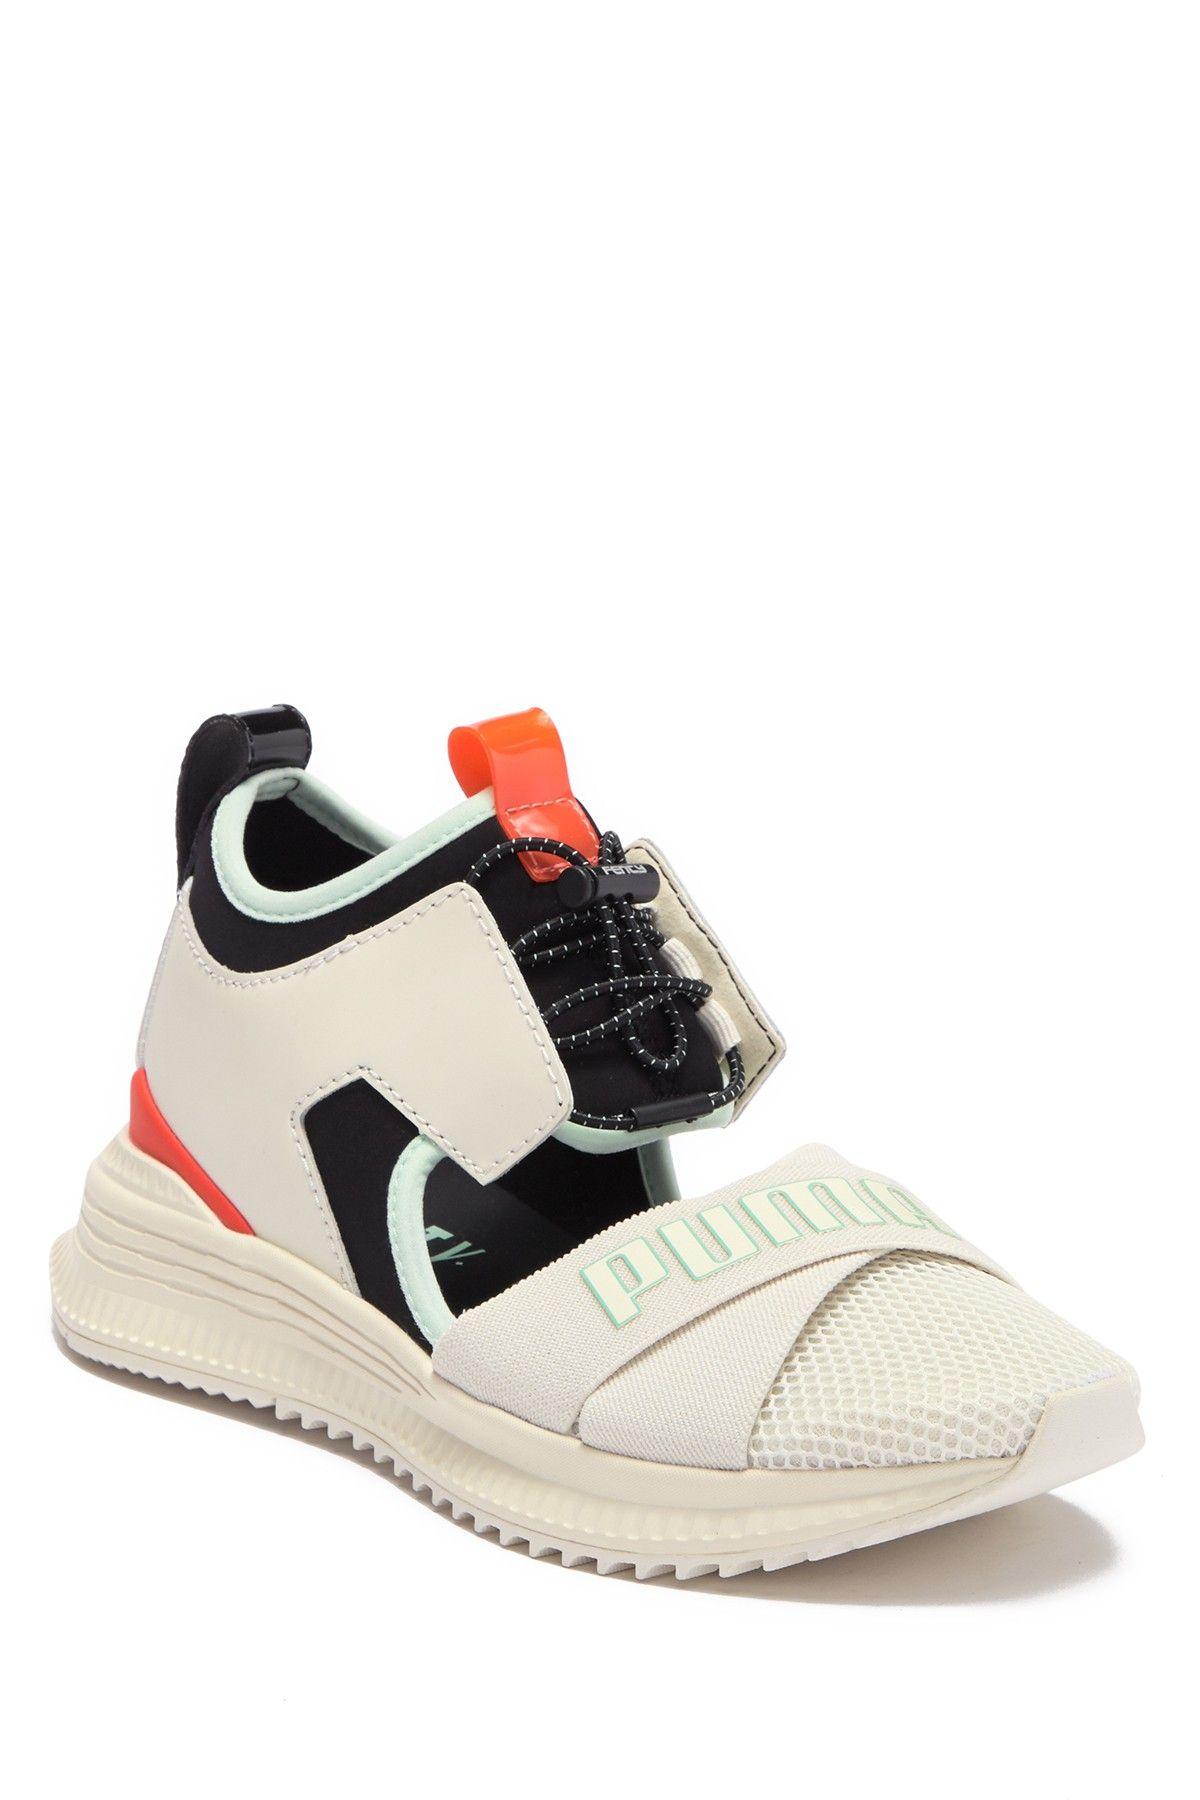 finest selection 65a34 9a0cb PUMA | Avid Sneaker | Gift Ideas in 2019 | Sneakers, Fenty ...